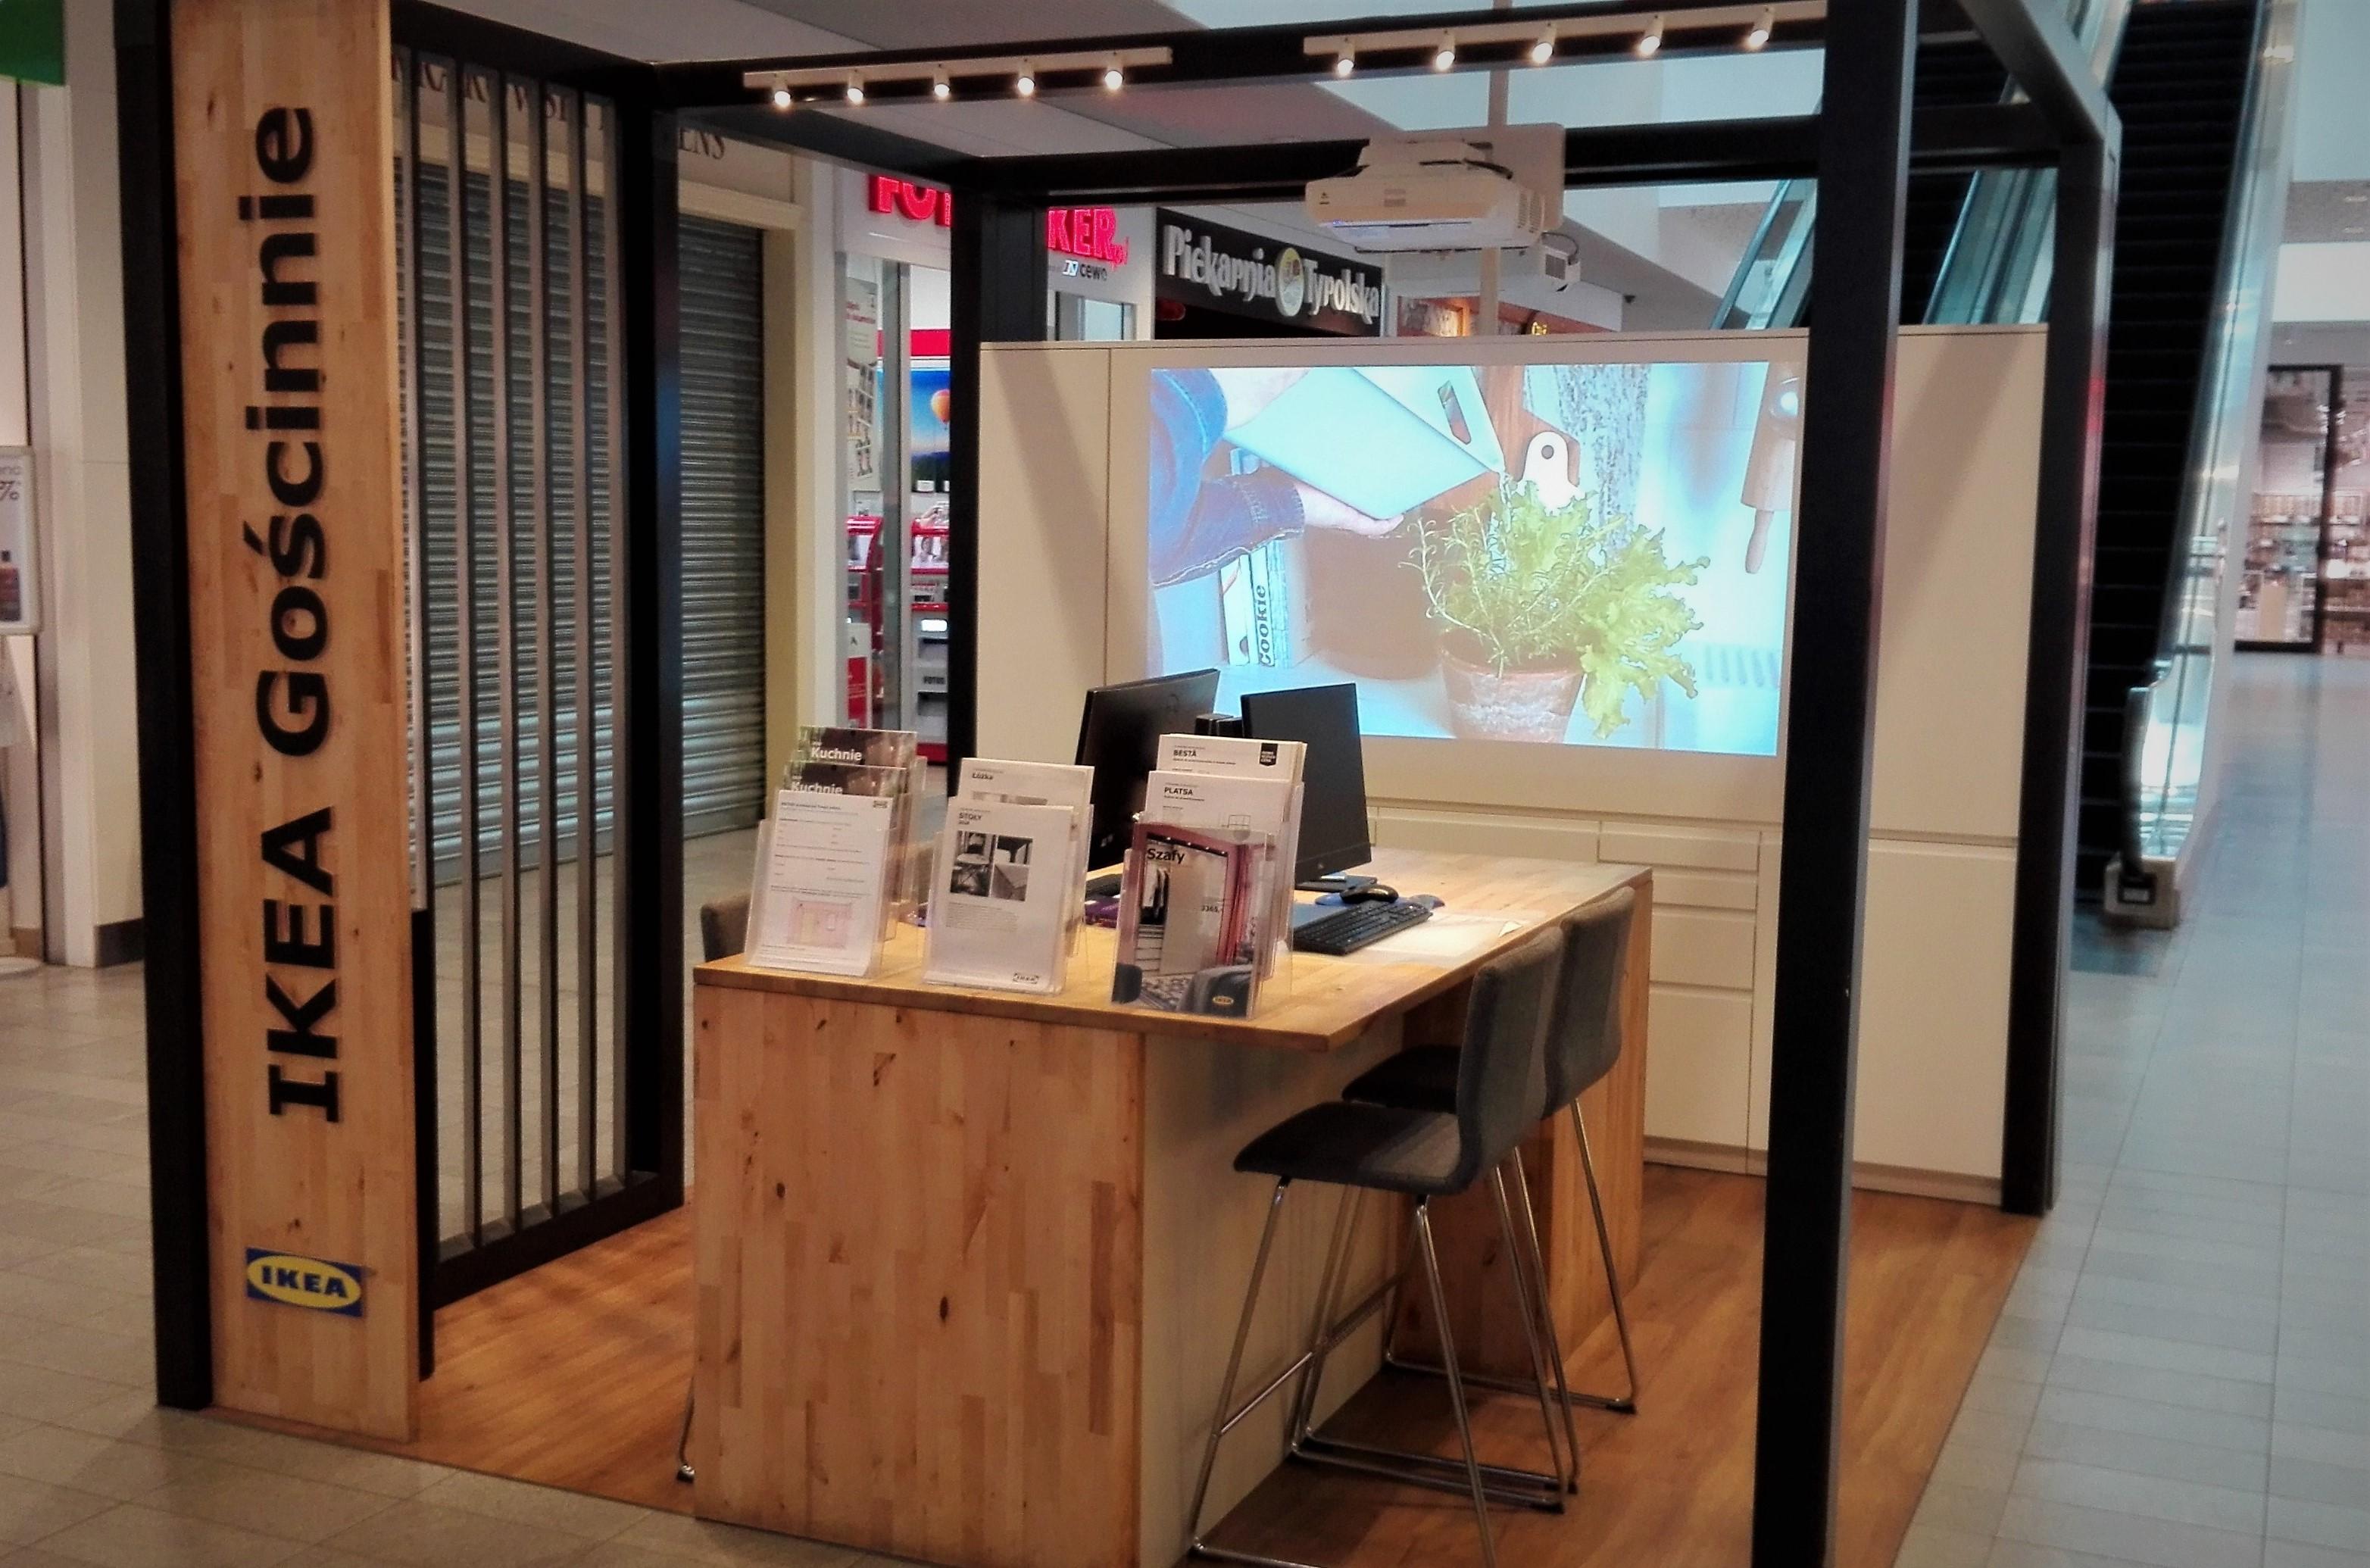 Punkt Ikea W Olsztynie Zostanie Zamknięty Olsztyn